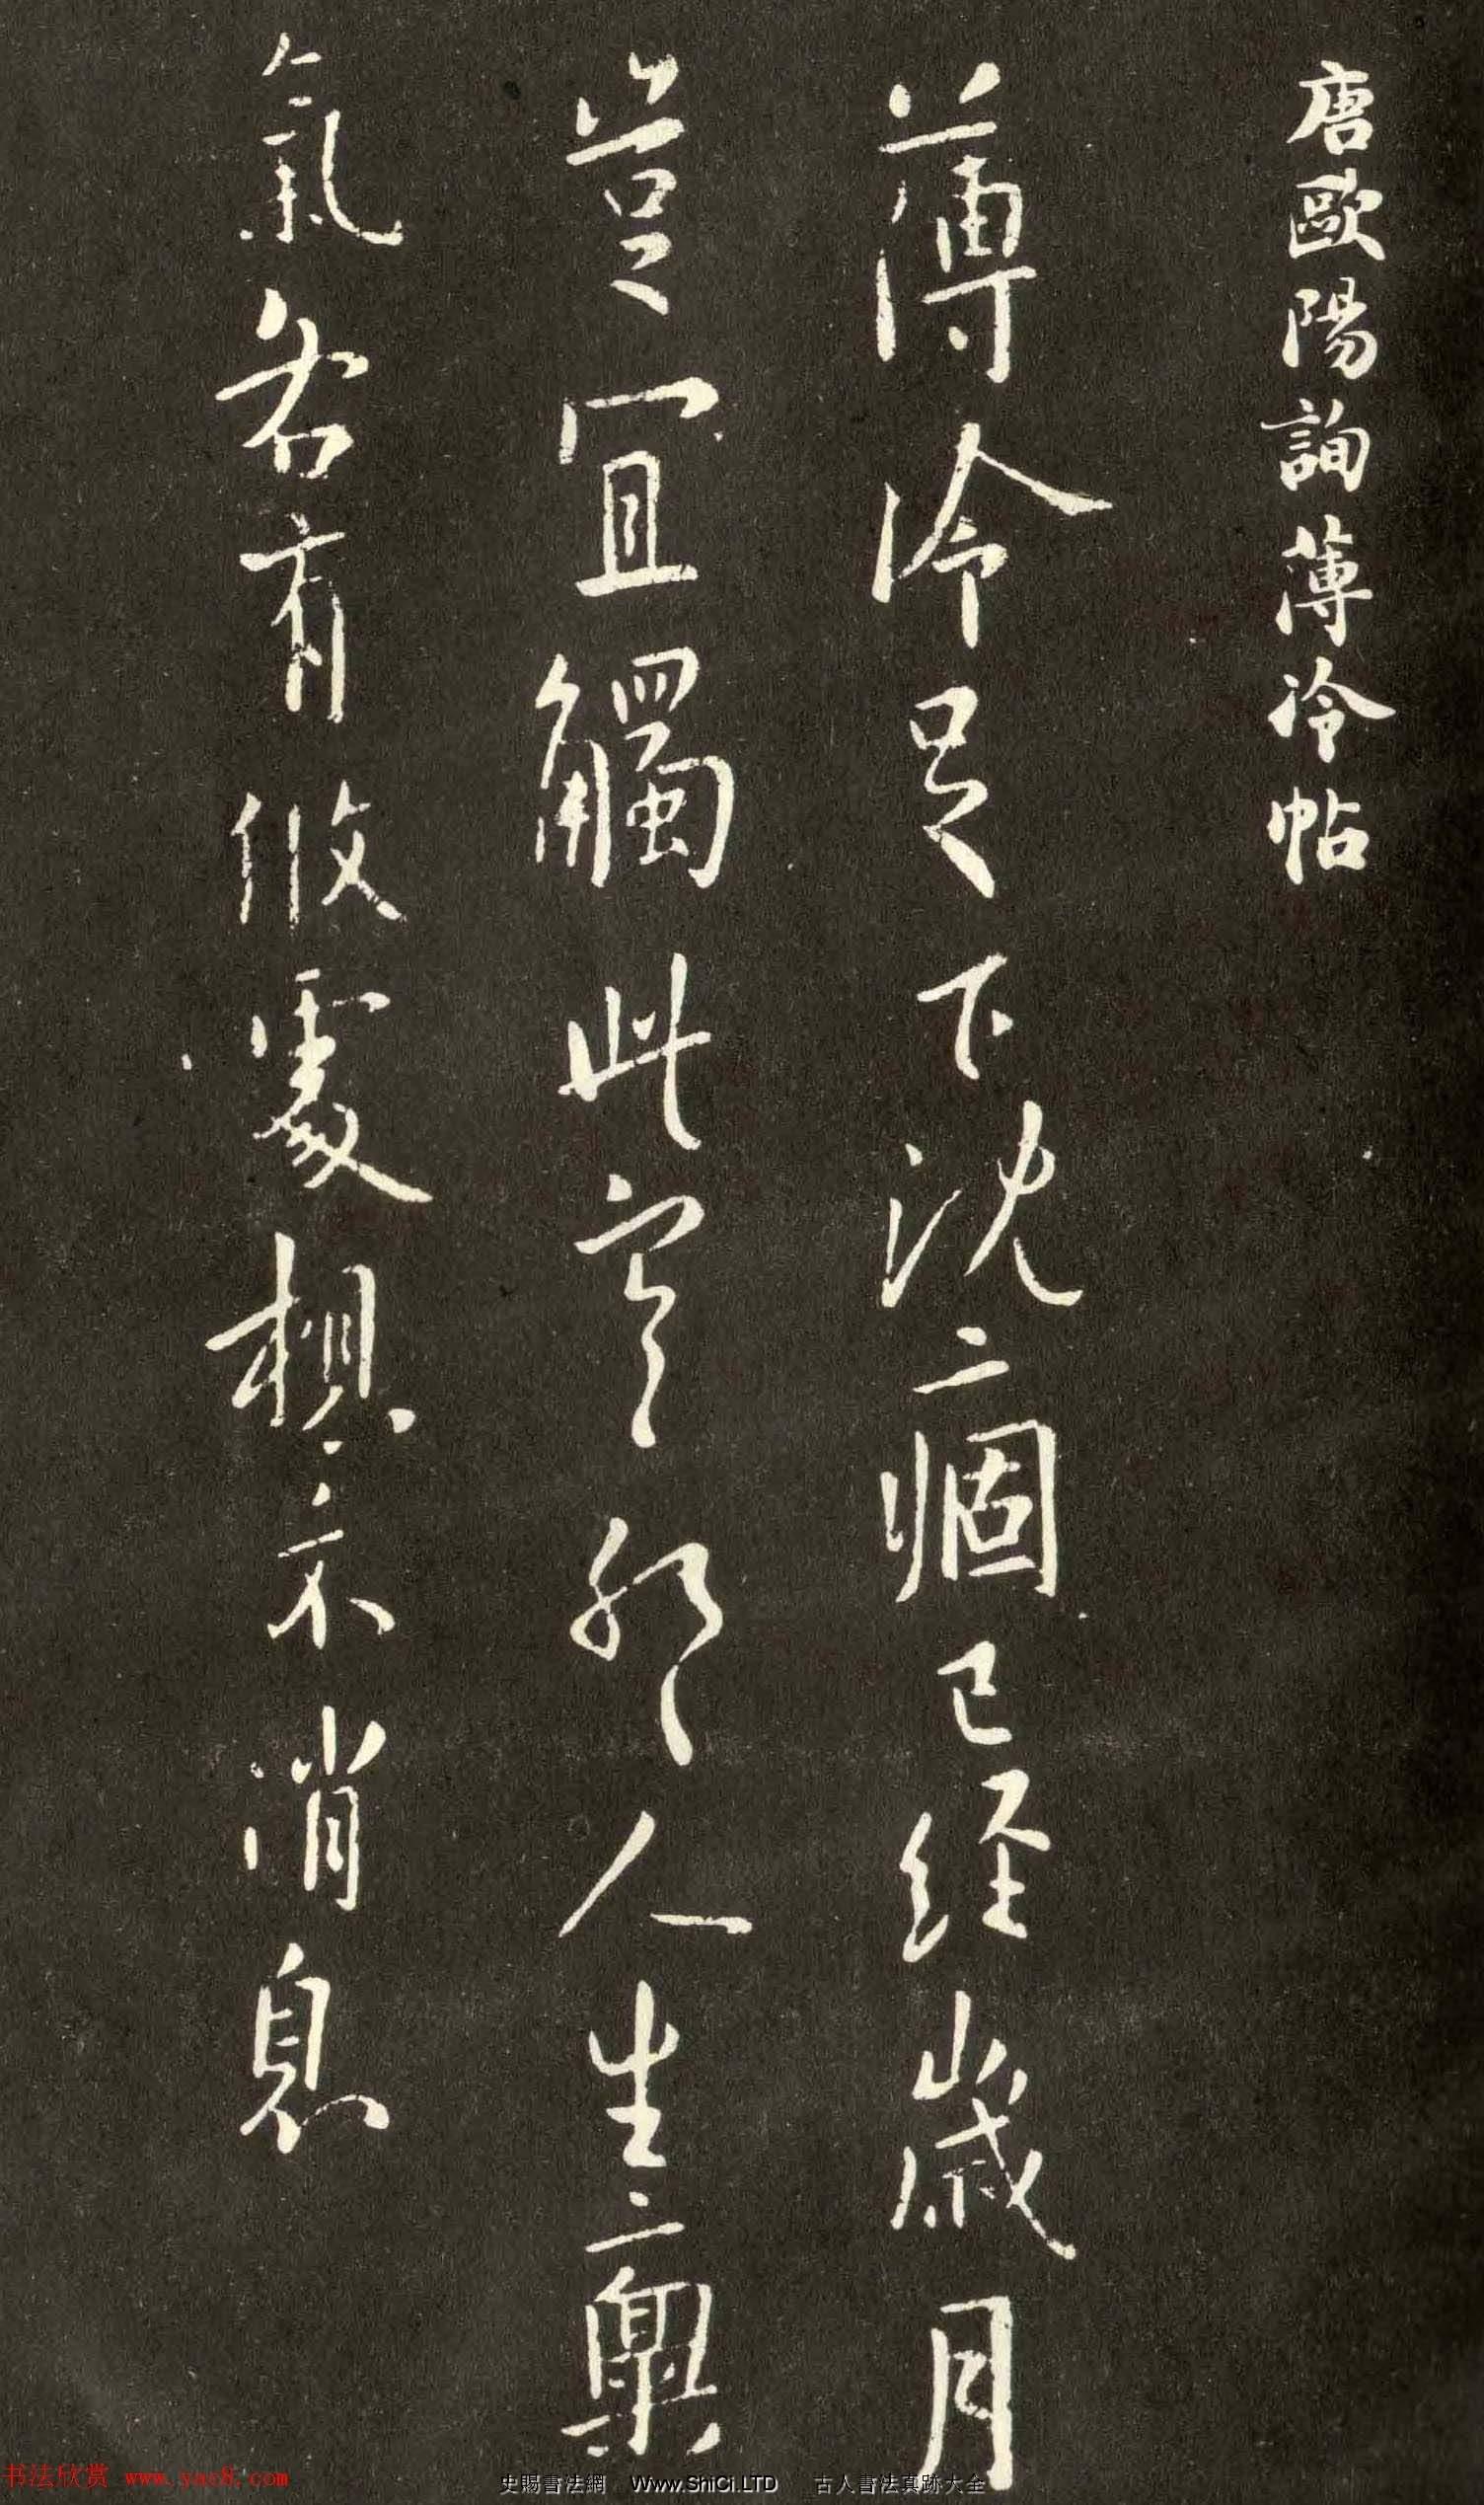 唐朝歐陽詢行書作品真跡欣賞《薄冷帖》(共2張圖片)